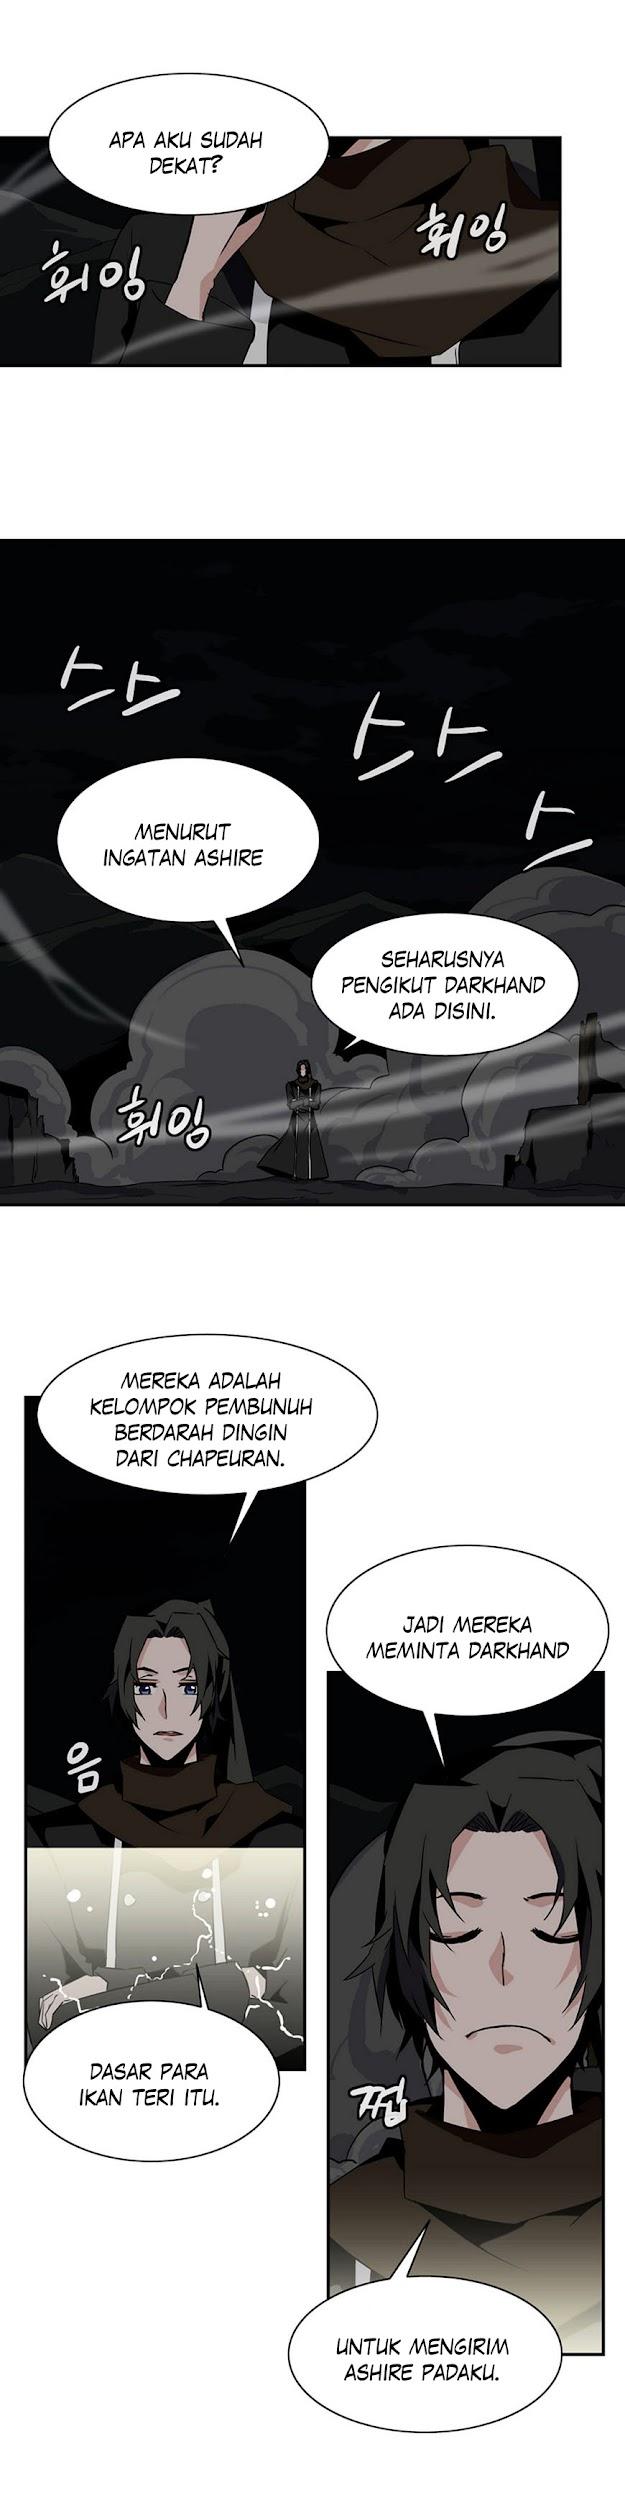 Dilarang COPAS - situs resmi www.mangacanblog.com - Komik wizardly tower 035 - chapter 35 36 Indonesia wizardly tower 035 - chapter 35 Terbaru 14 Baca Manga Komik Indonesia Mangacan